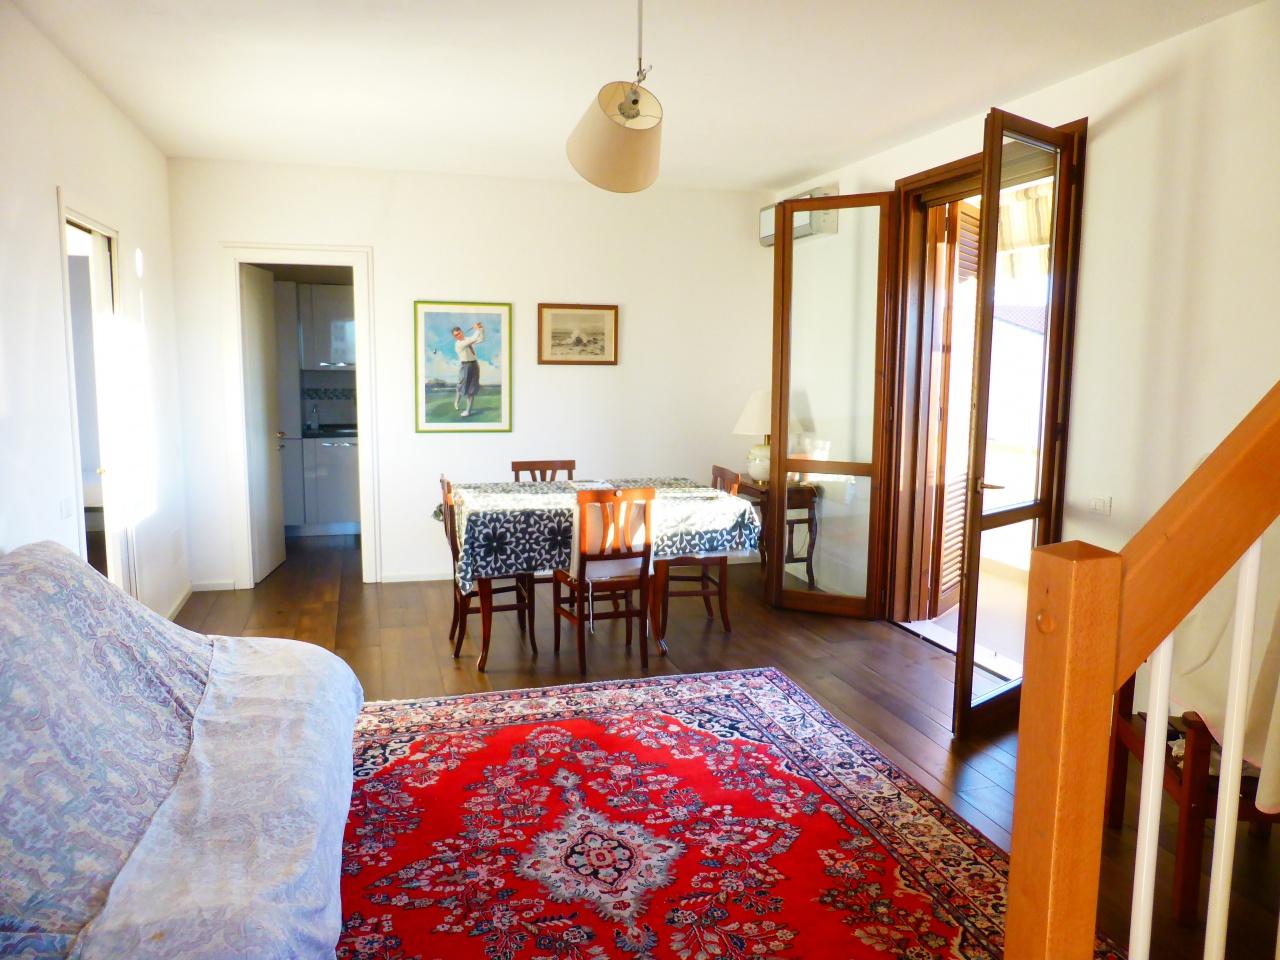 Valpiana: Appartamento in villetta con ingresso indipendente al primo piano.